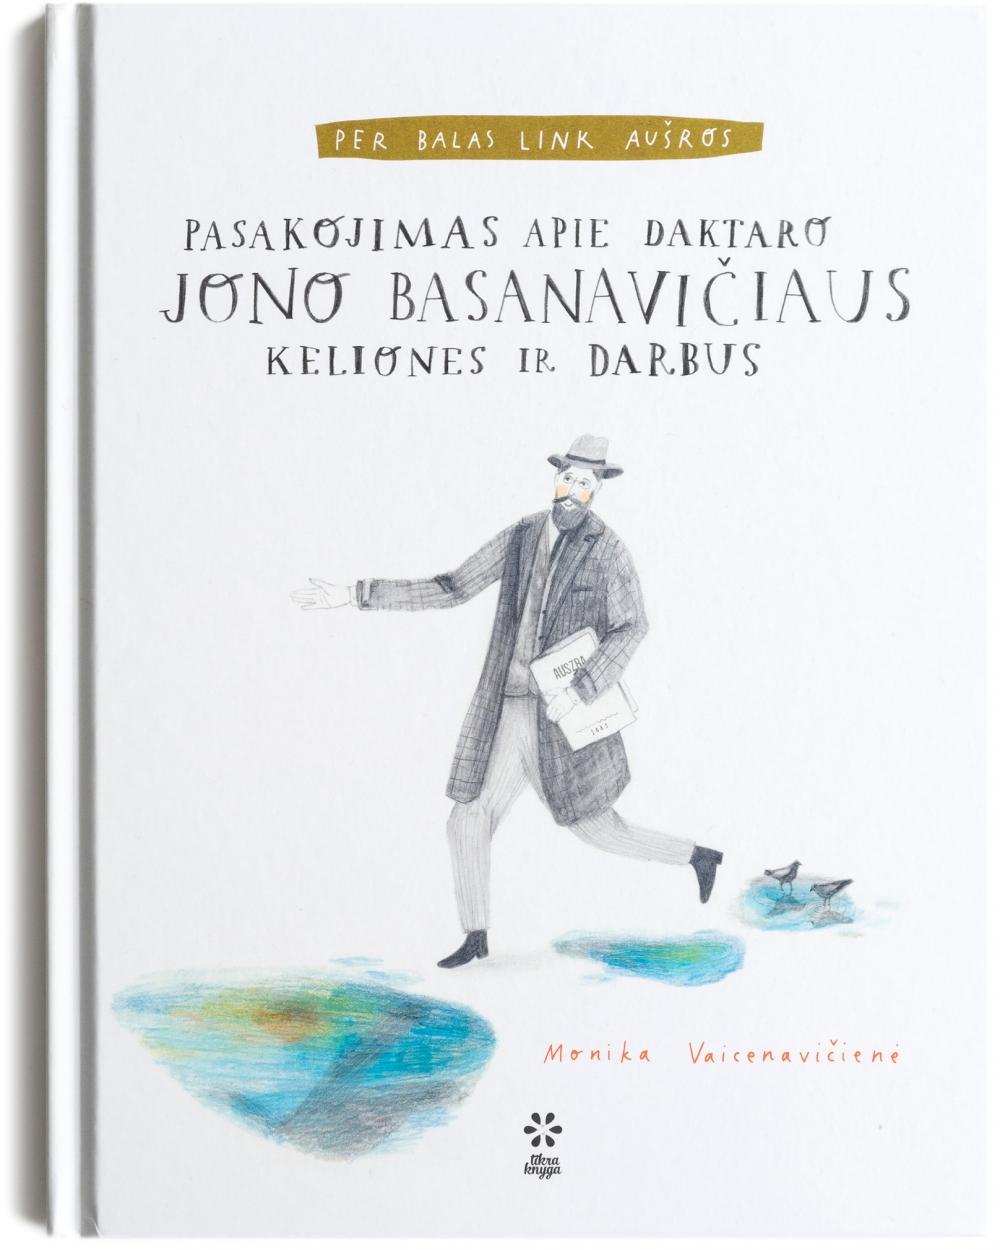 Cover of Per balas link aušros. Pasakojimas apie daktaro Jono Basanavičiaus keliones ir darbus